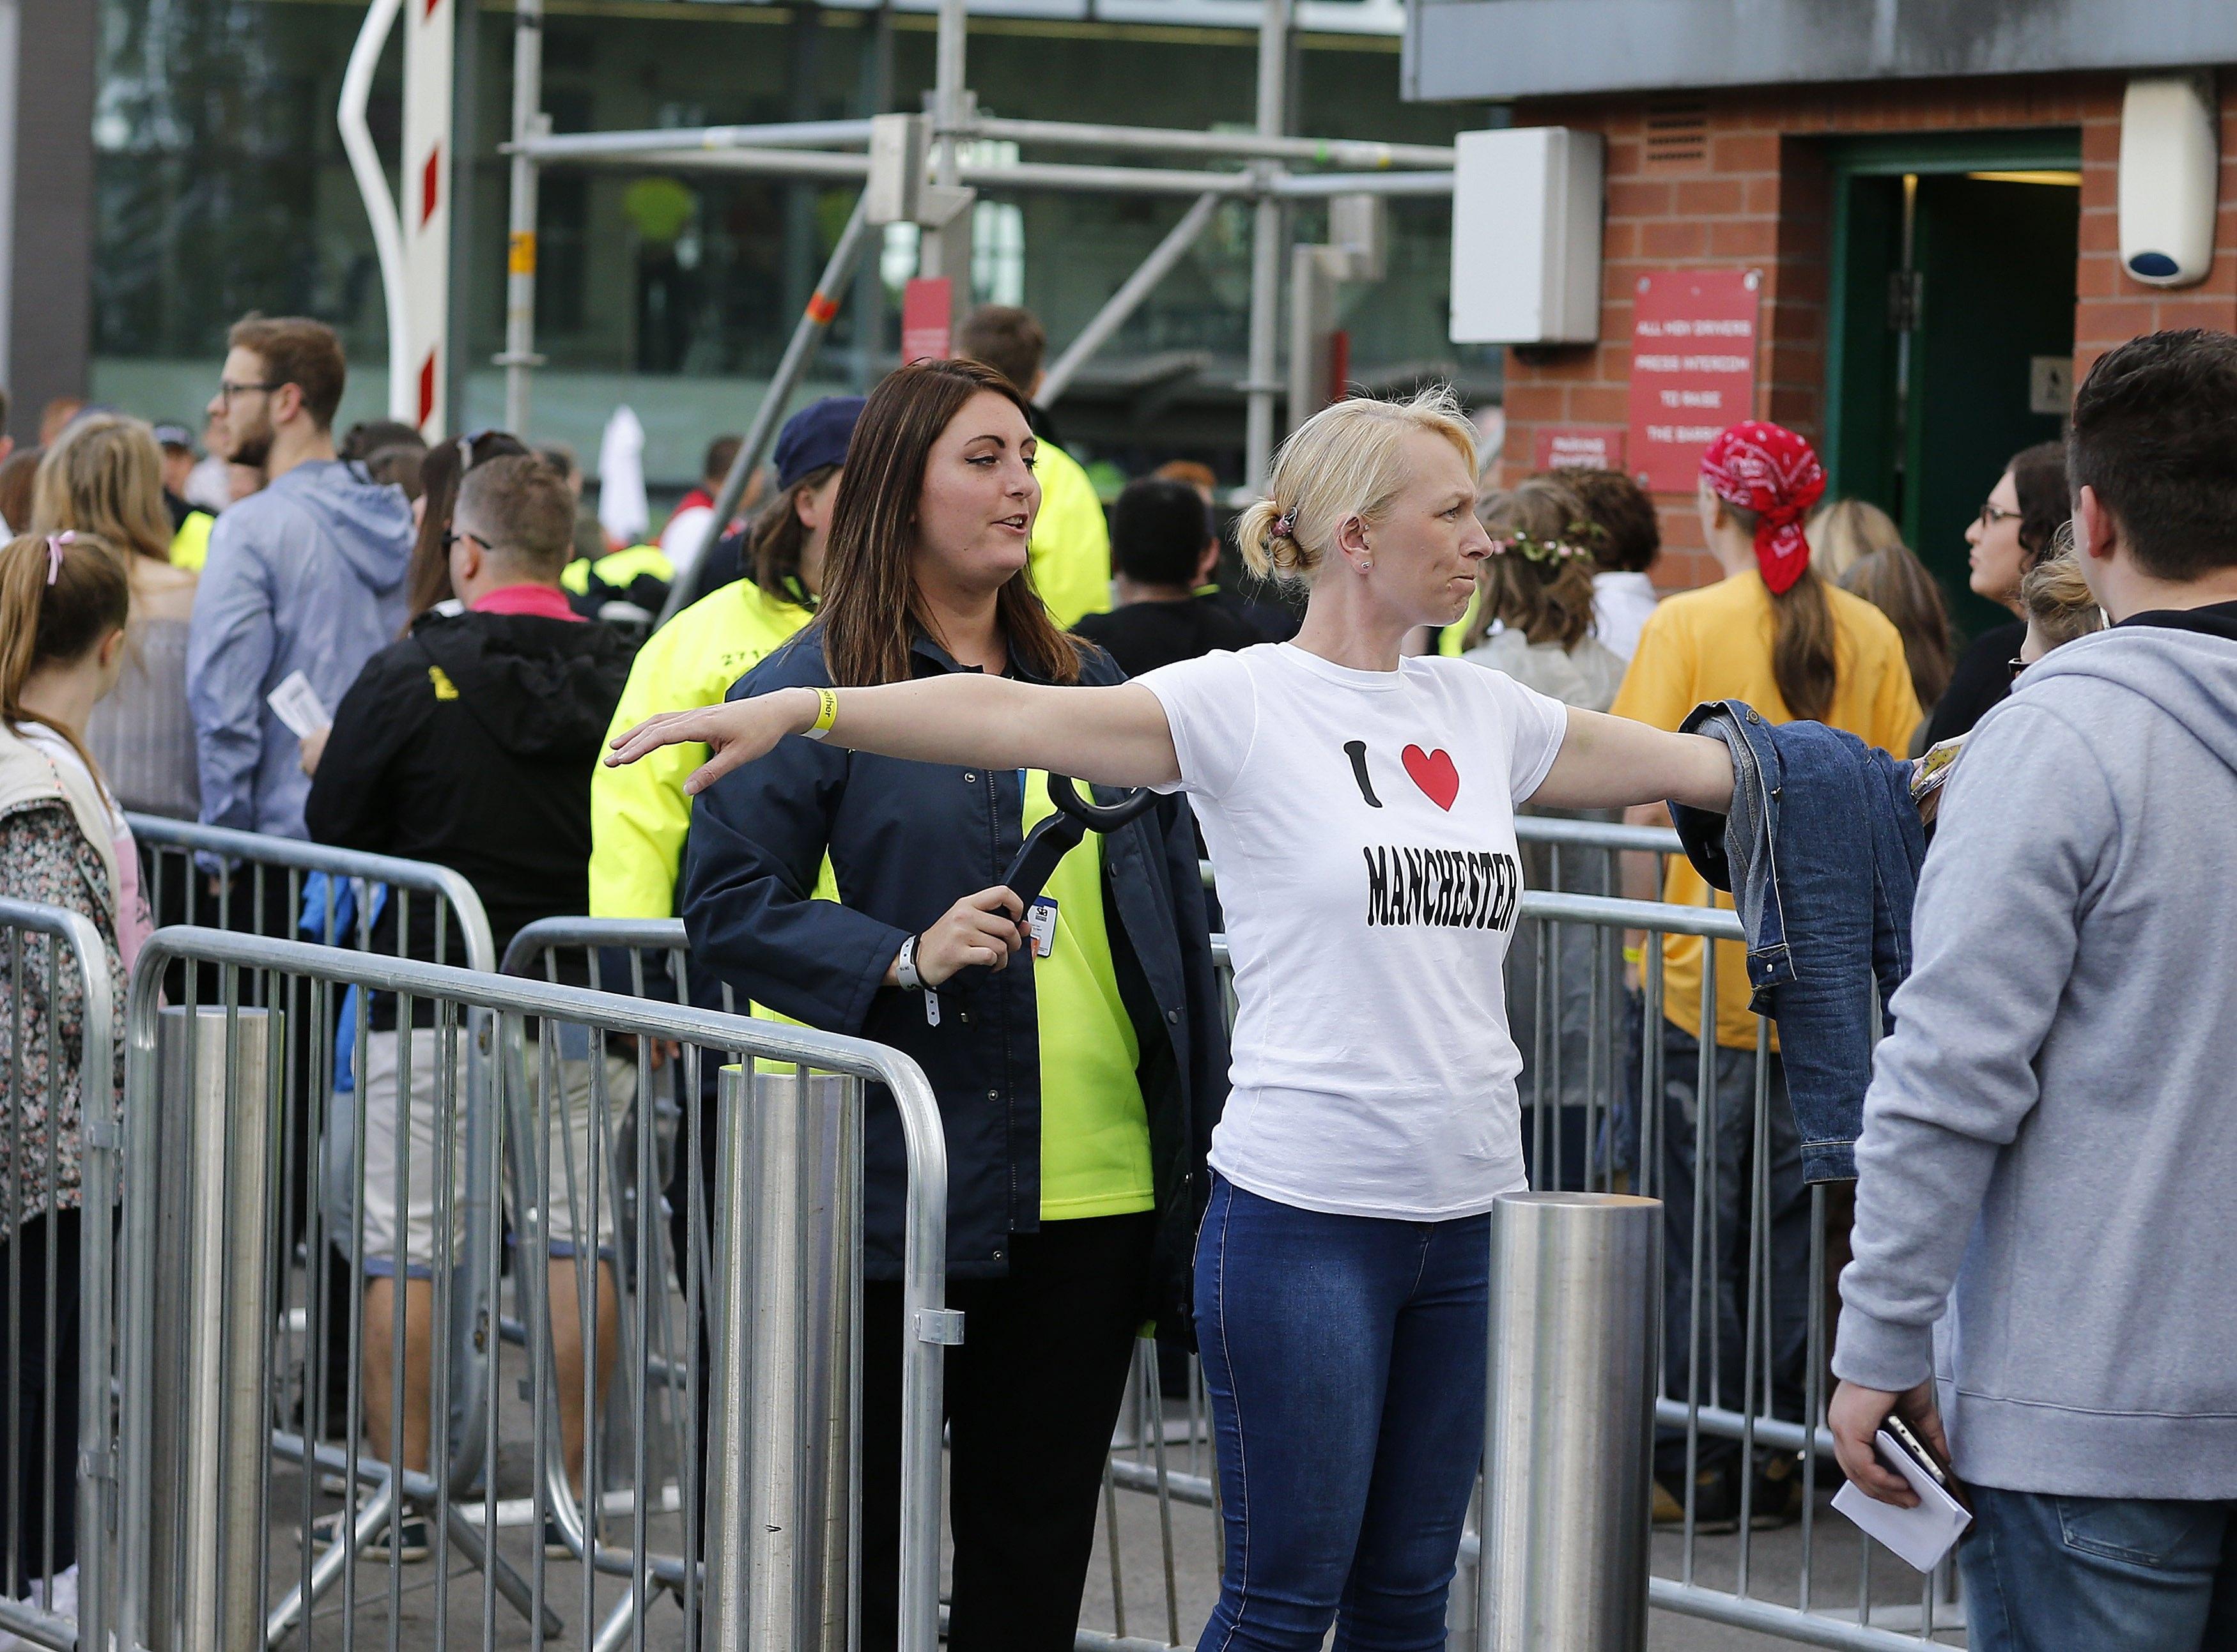 """50 000 души събра американската поп певица Ариана Гранде на """"Олд Трафорд"""" в Манчестър близо две седмици след атентата на нейния концерт в английския град. Тогава атентатор се взриви сред излизащите от концерта и уби над 20 души. Снощното шоу бе само часове след атентата в центъра на Лондон."""